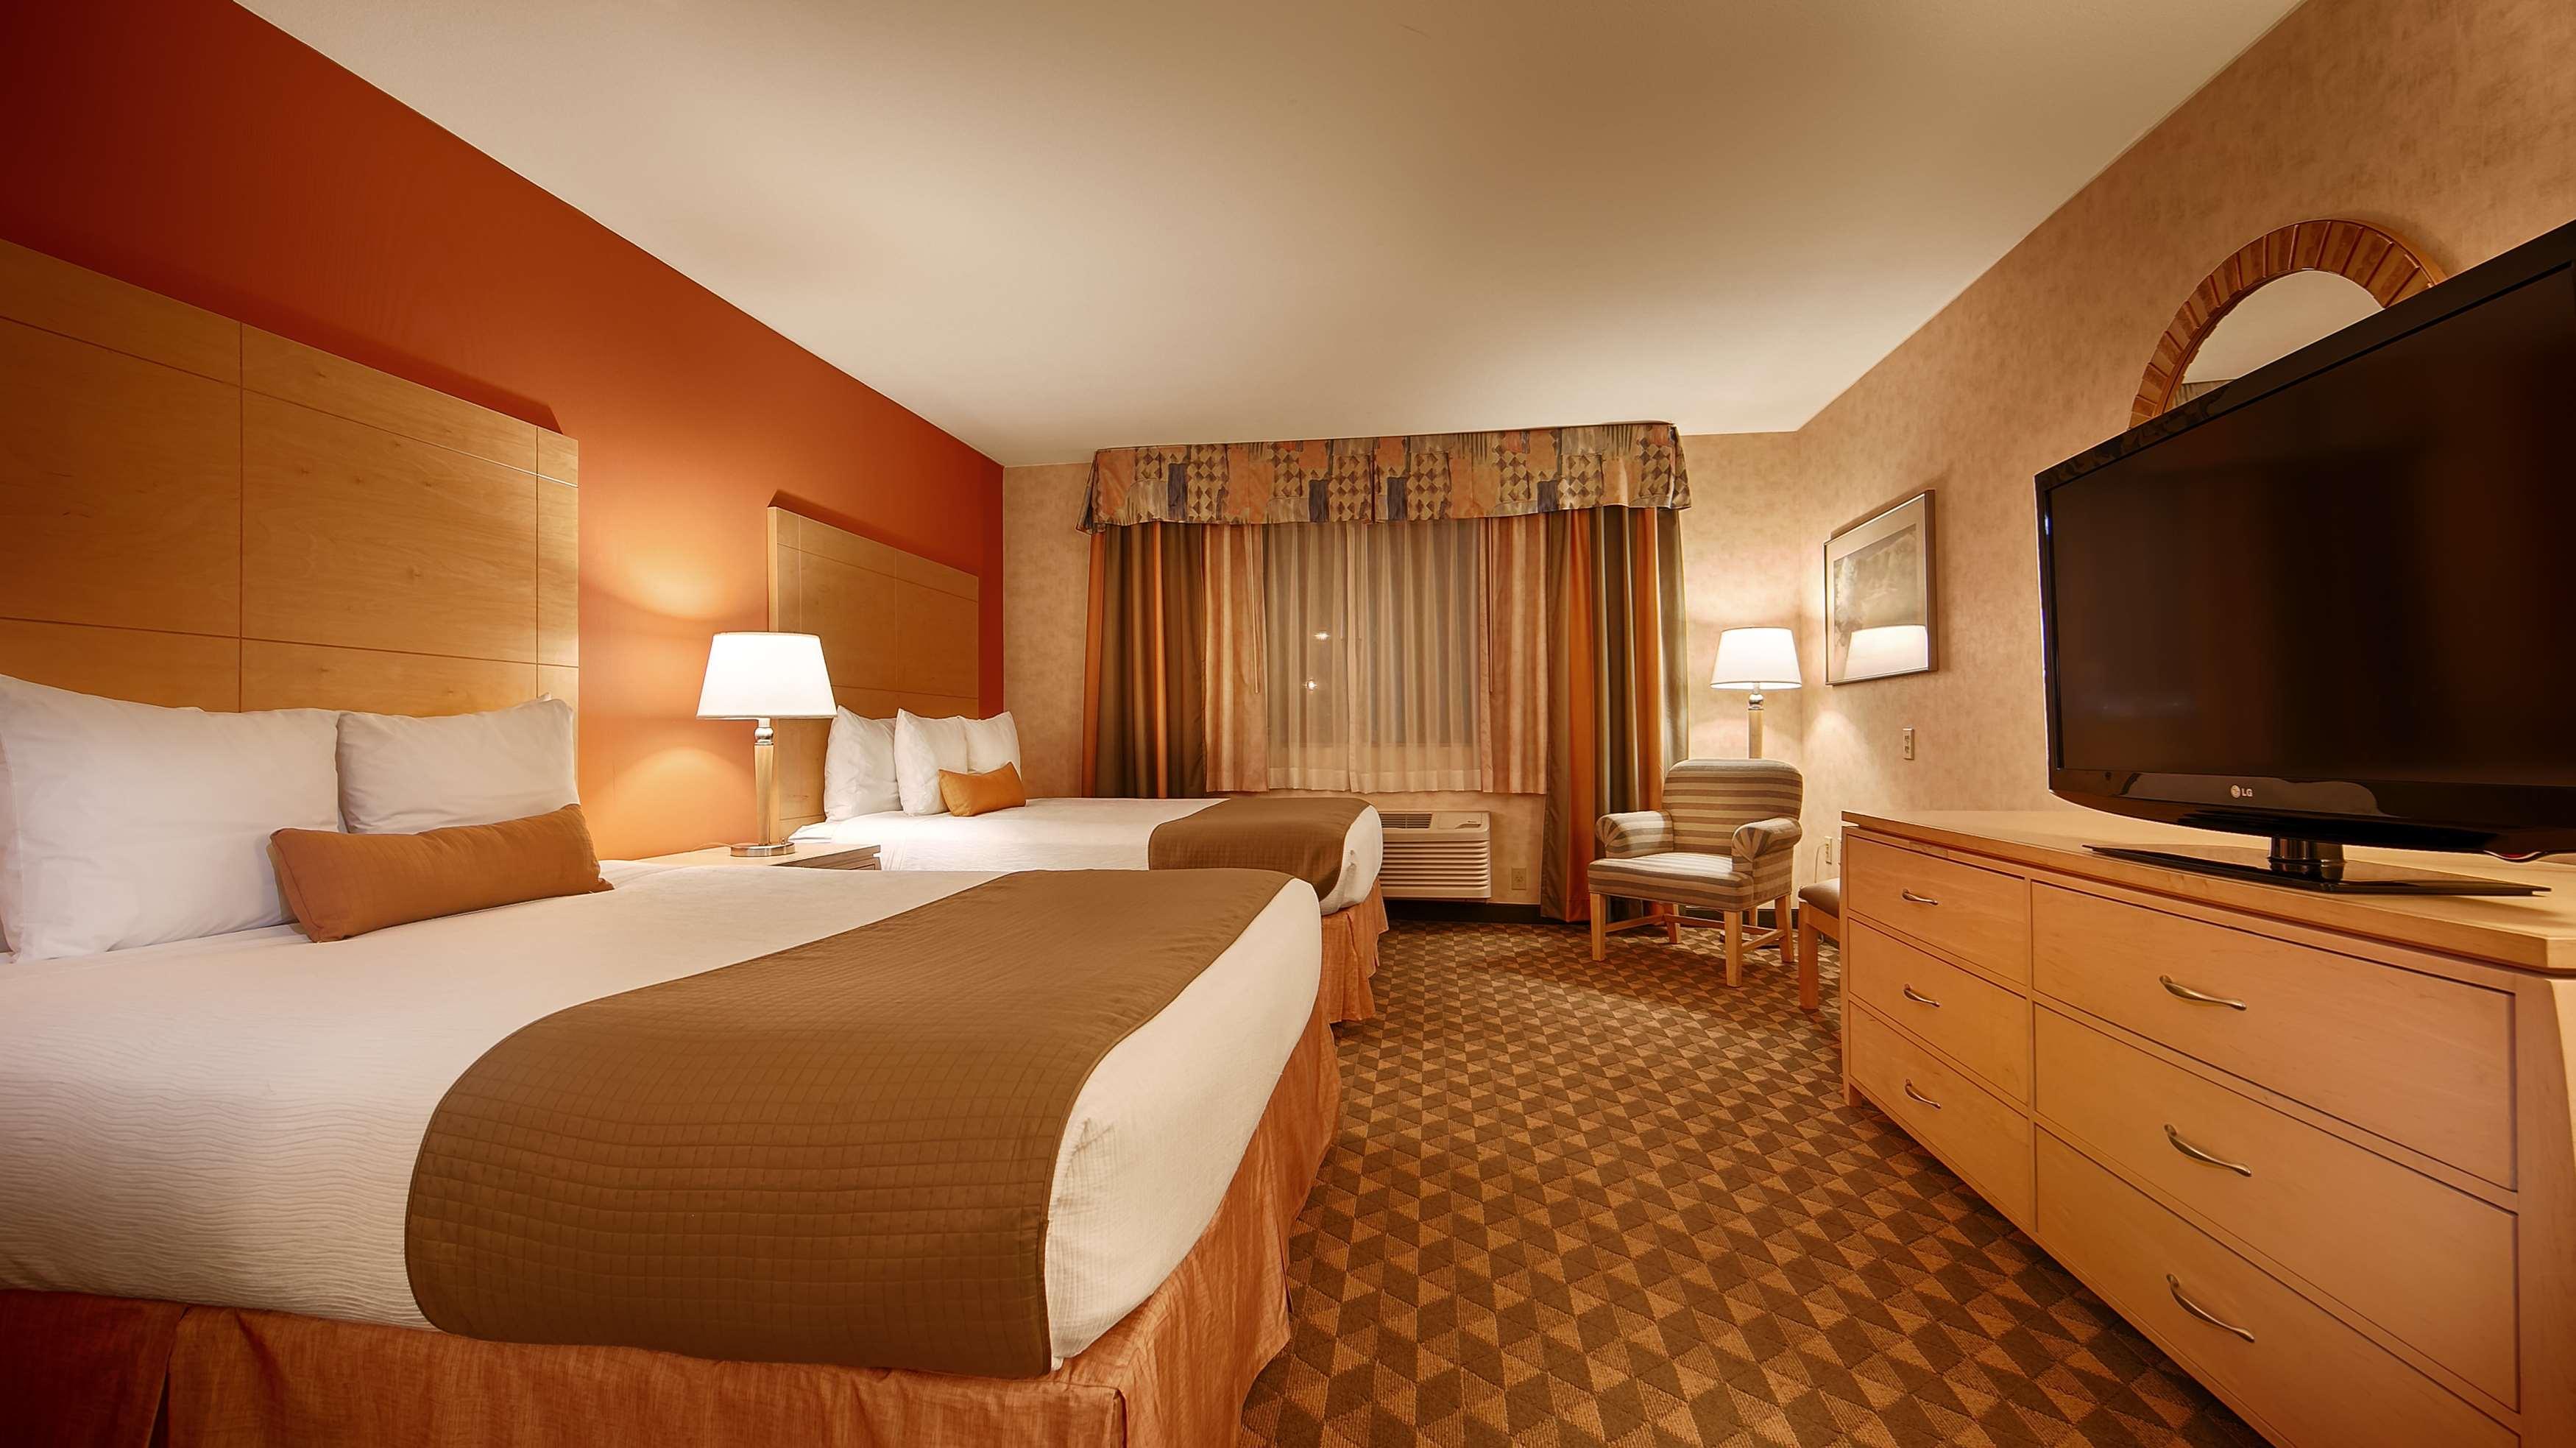 Best Western Plus North Las Vegas Inn & Suites image 25